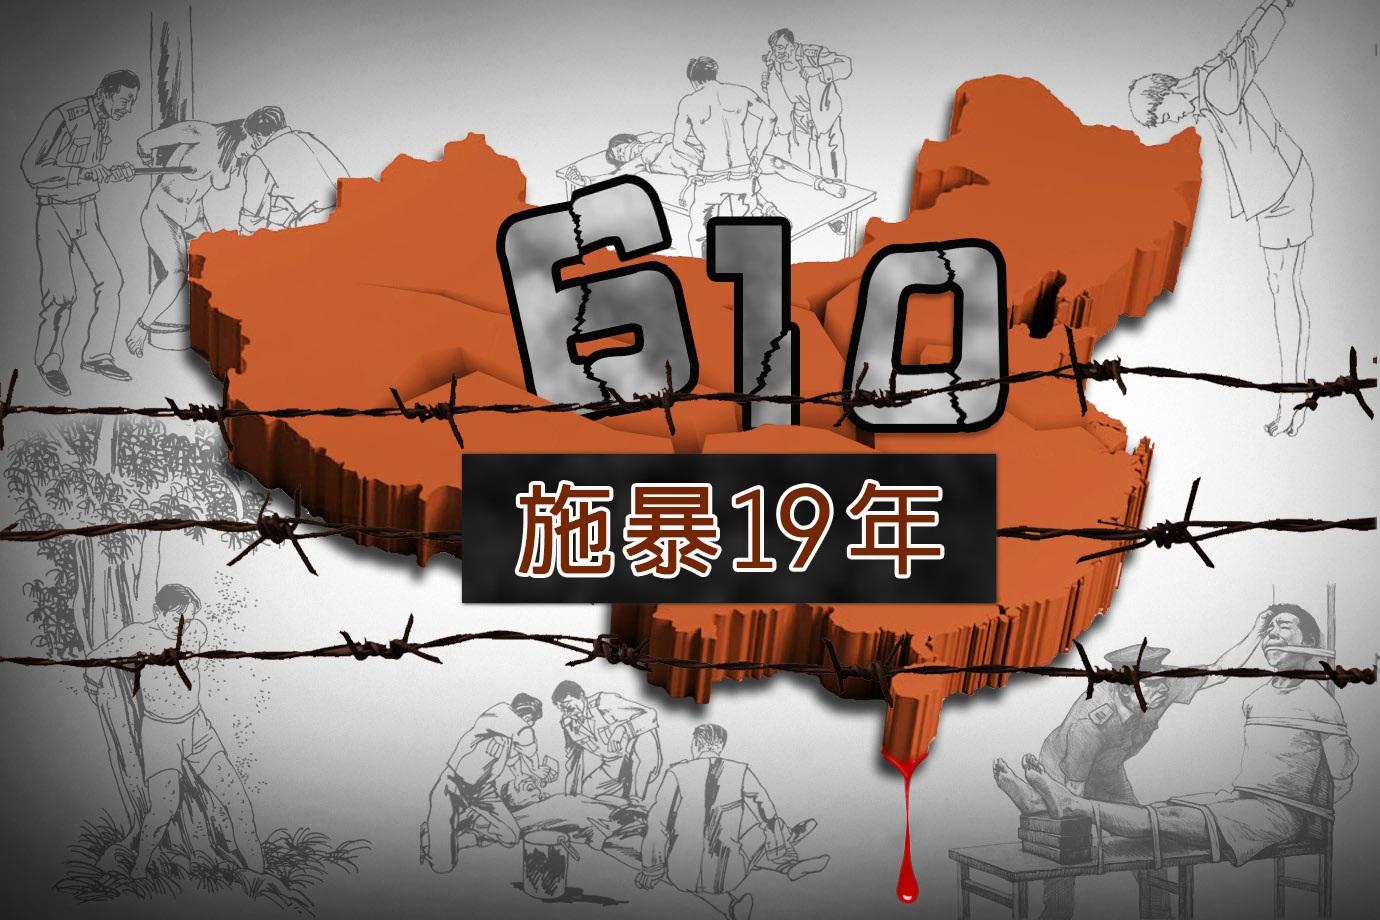 「610」辦公室是中共前黨魁江澤民為了鎮壓法輪功而專門成立的機構,類似中共文革時期的文革小組和納粹德國的蓋世太保。(大紀元)